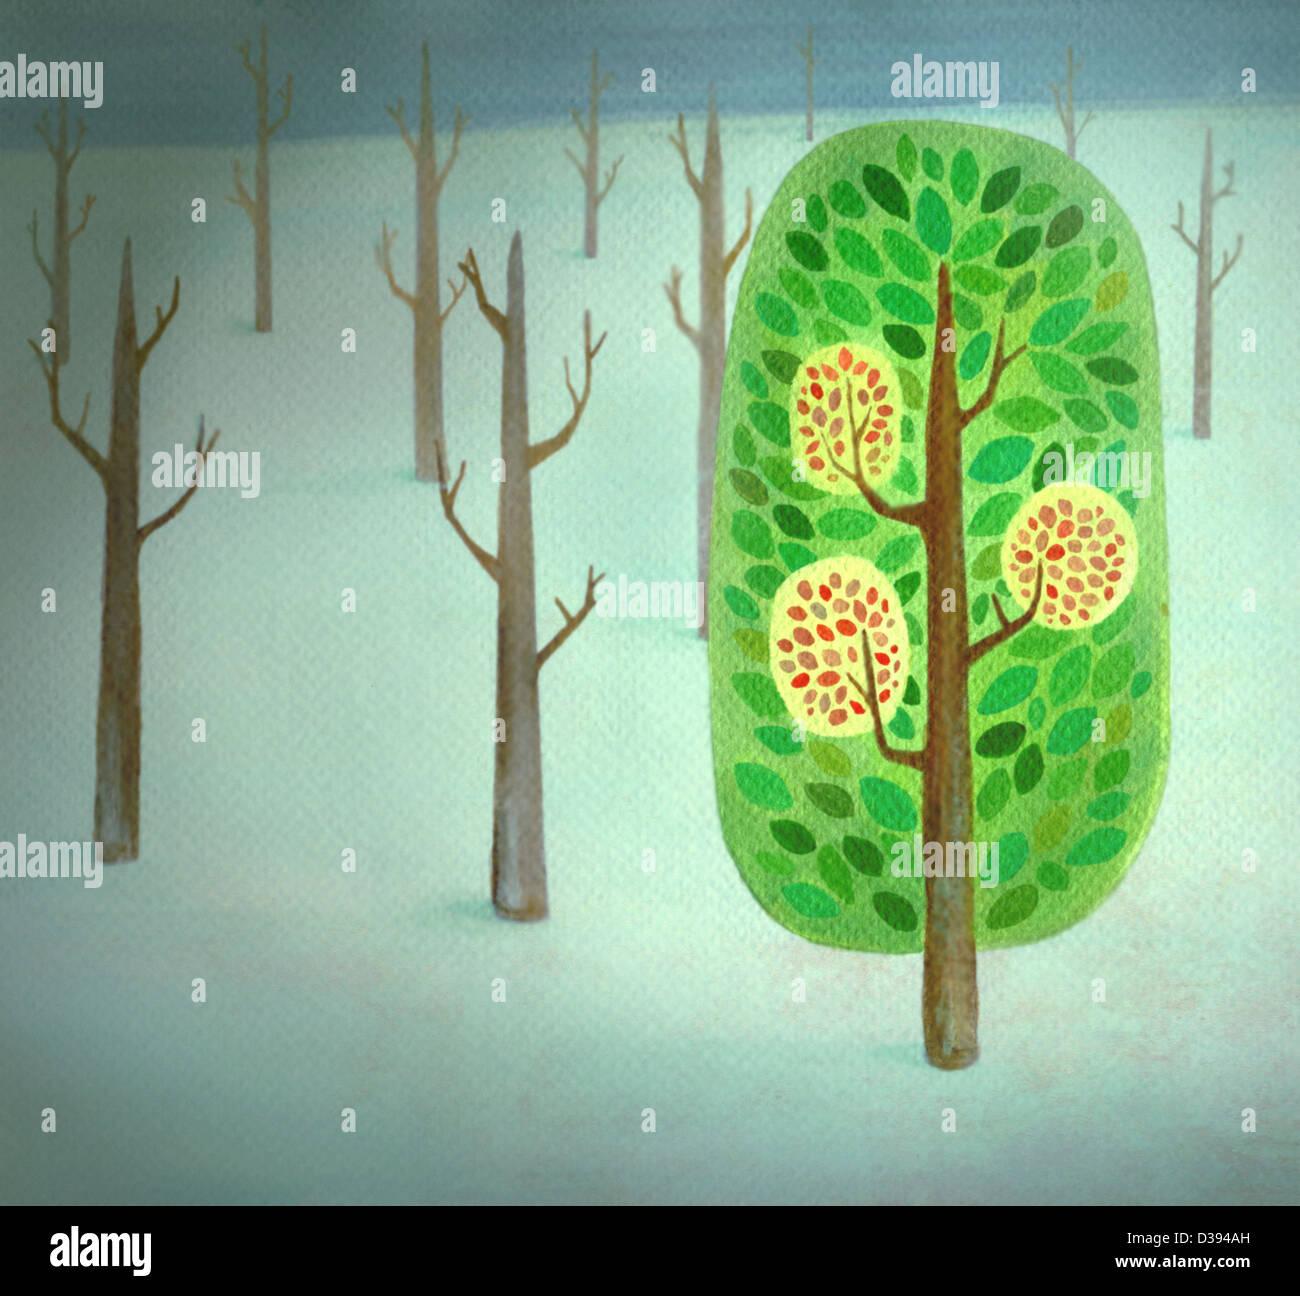 Uma árvore blooming fora adicionar a partir de bare permanente árvores Imagens de Stock